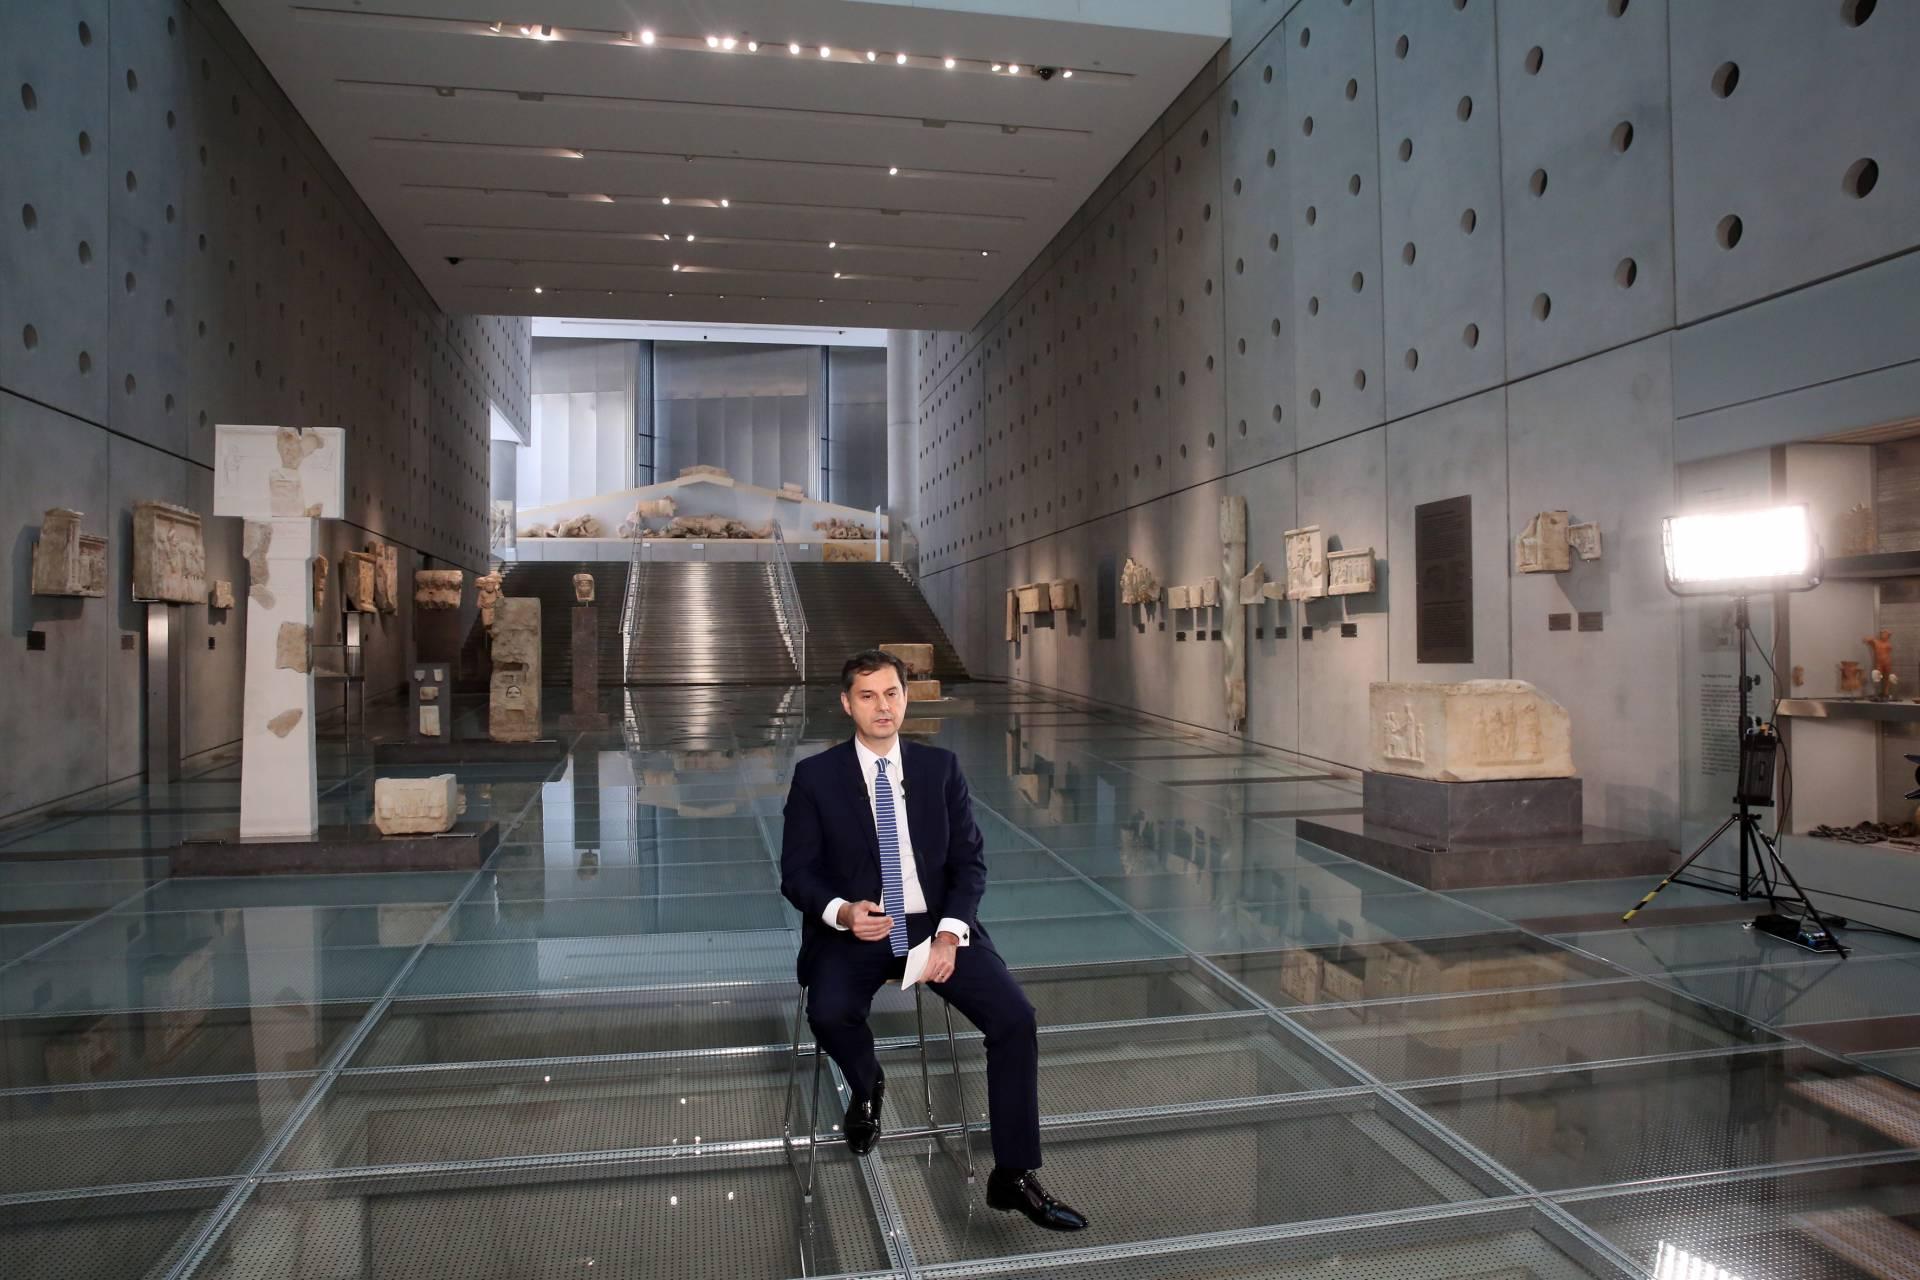 «Στις 14 Μαΐου ανοίγει ο Ελληνικός Τουρισμός. Με παγκόσμιο σύνθημα: All you want is Greece» ανακοίνωσε ο Υπουργός Τουρισμού κ. Χάρης Θεοχάρης